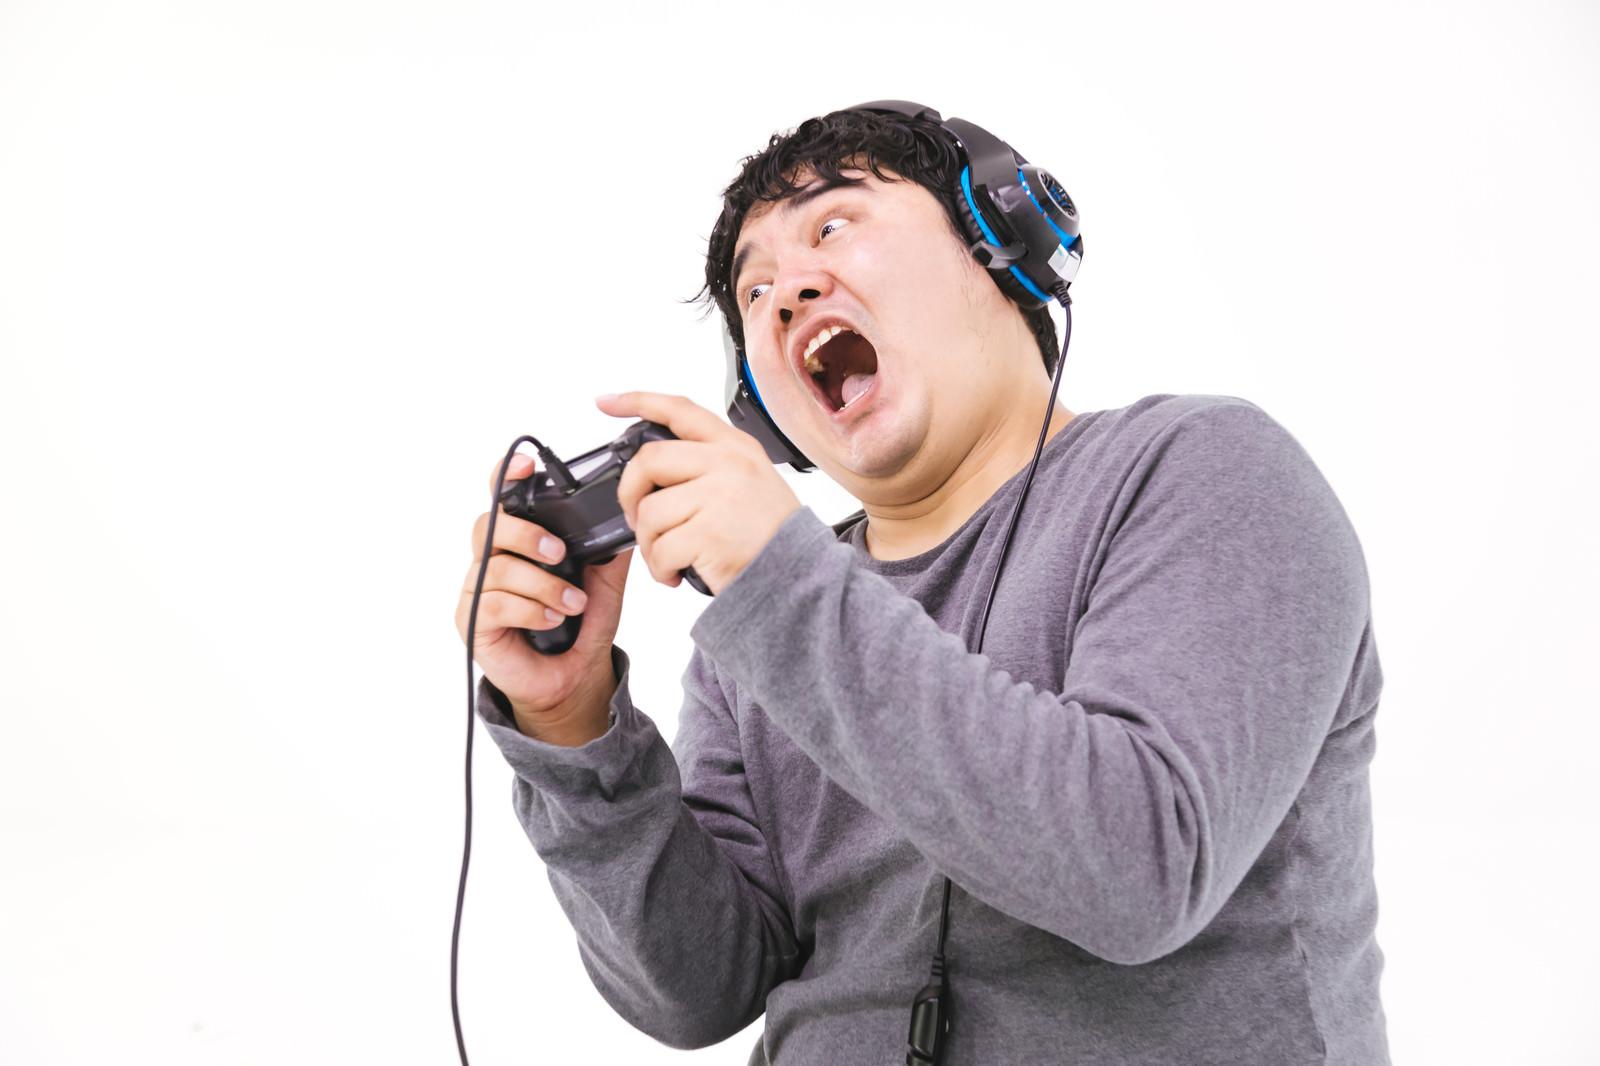 「ゲームに没頭しすぎて日常生活に支障が出そうな男性」の写真[モデル:段田隼人]